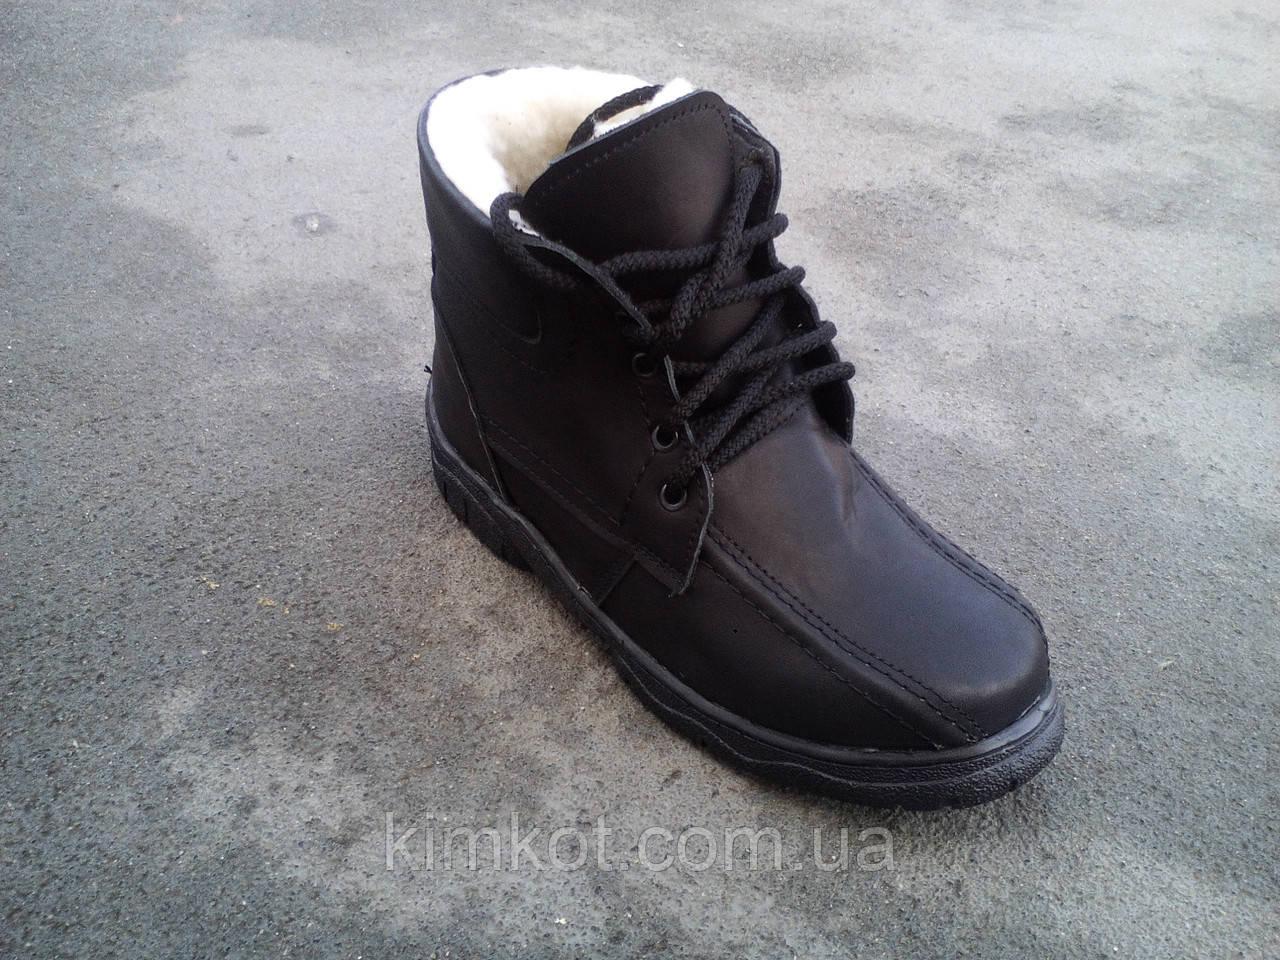 75f6a6fc Кожаные зимние ботинки подросток 36-40: продажа, цена в Харькове ...